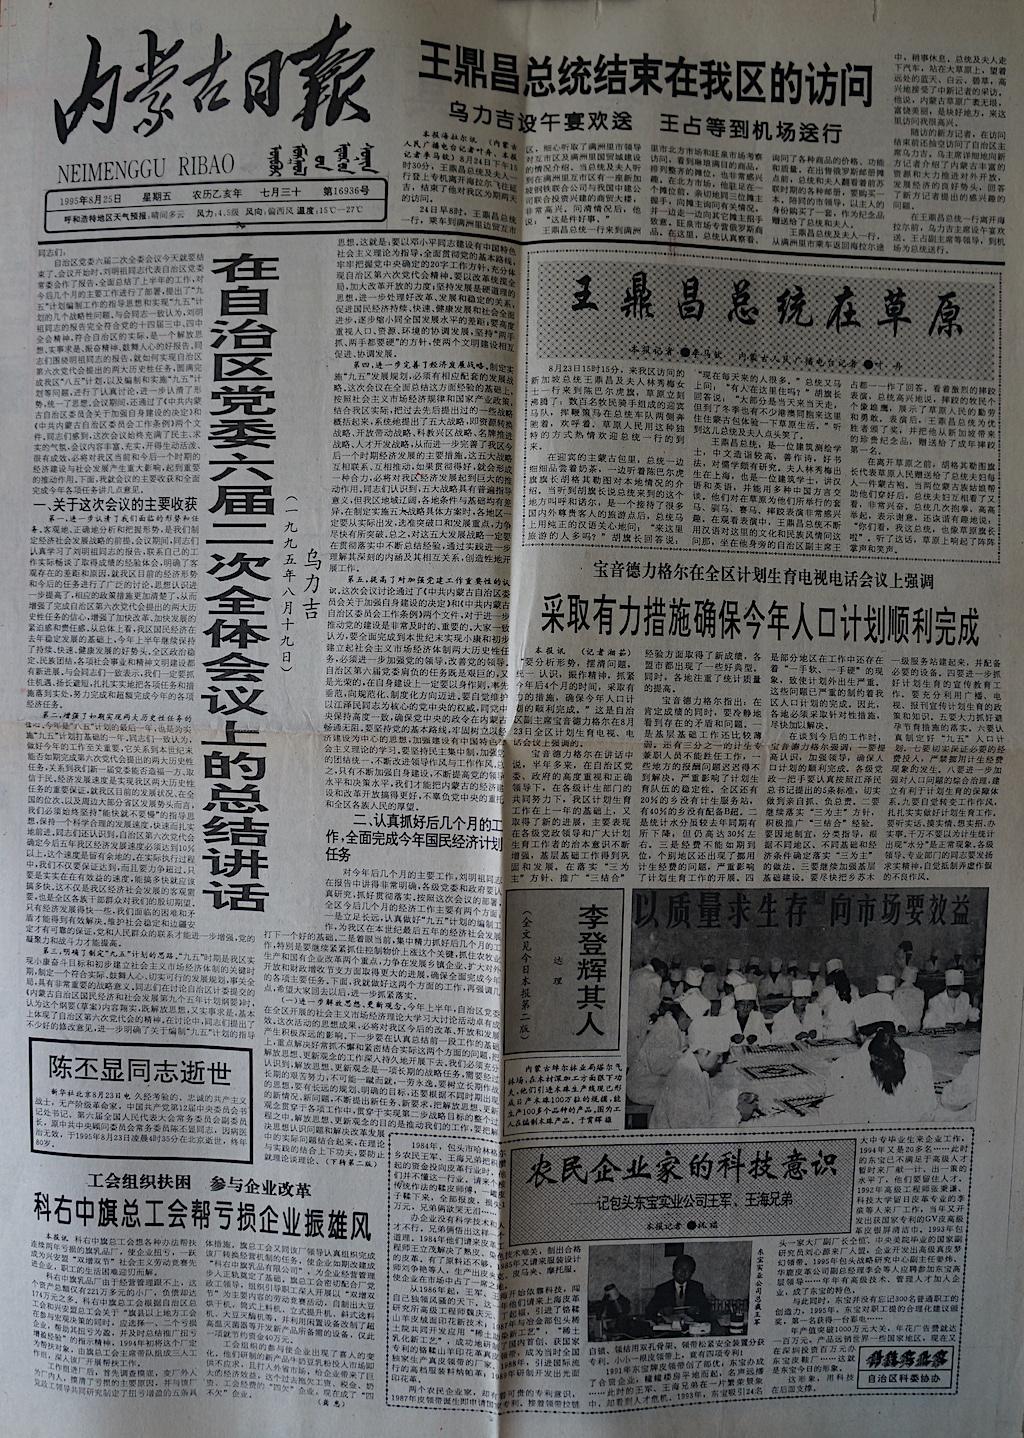 内蒙古日报19950825-01